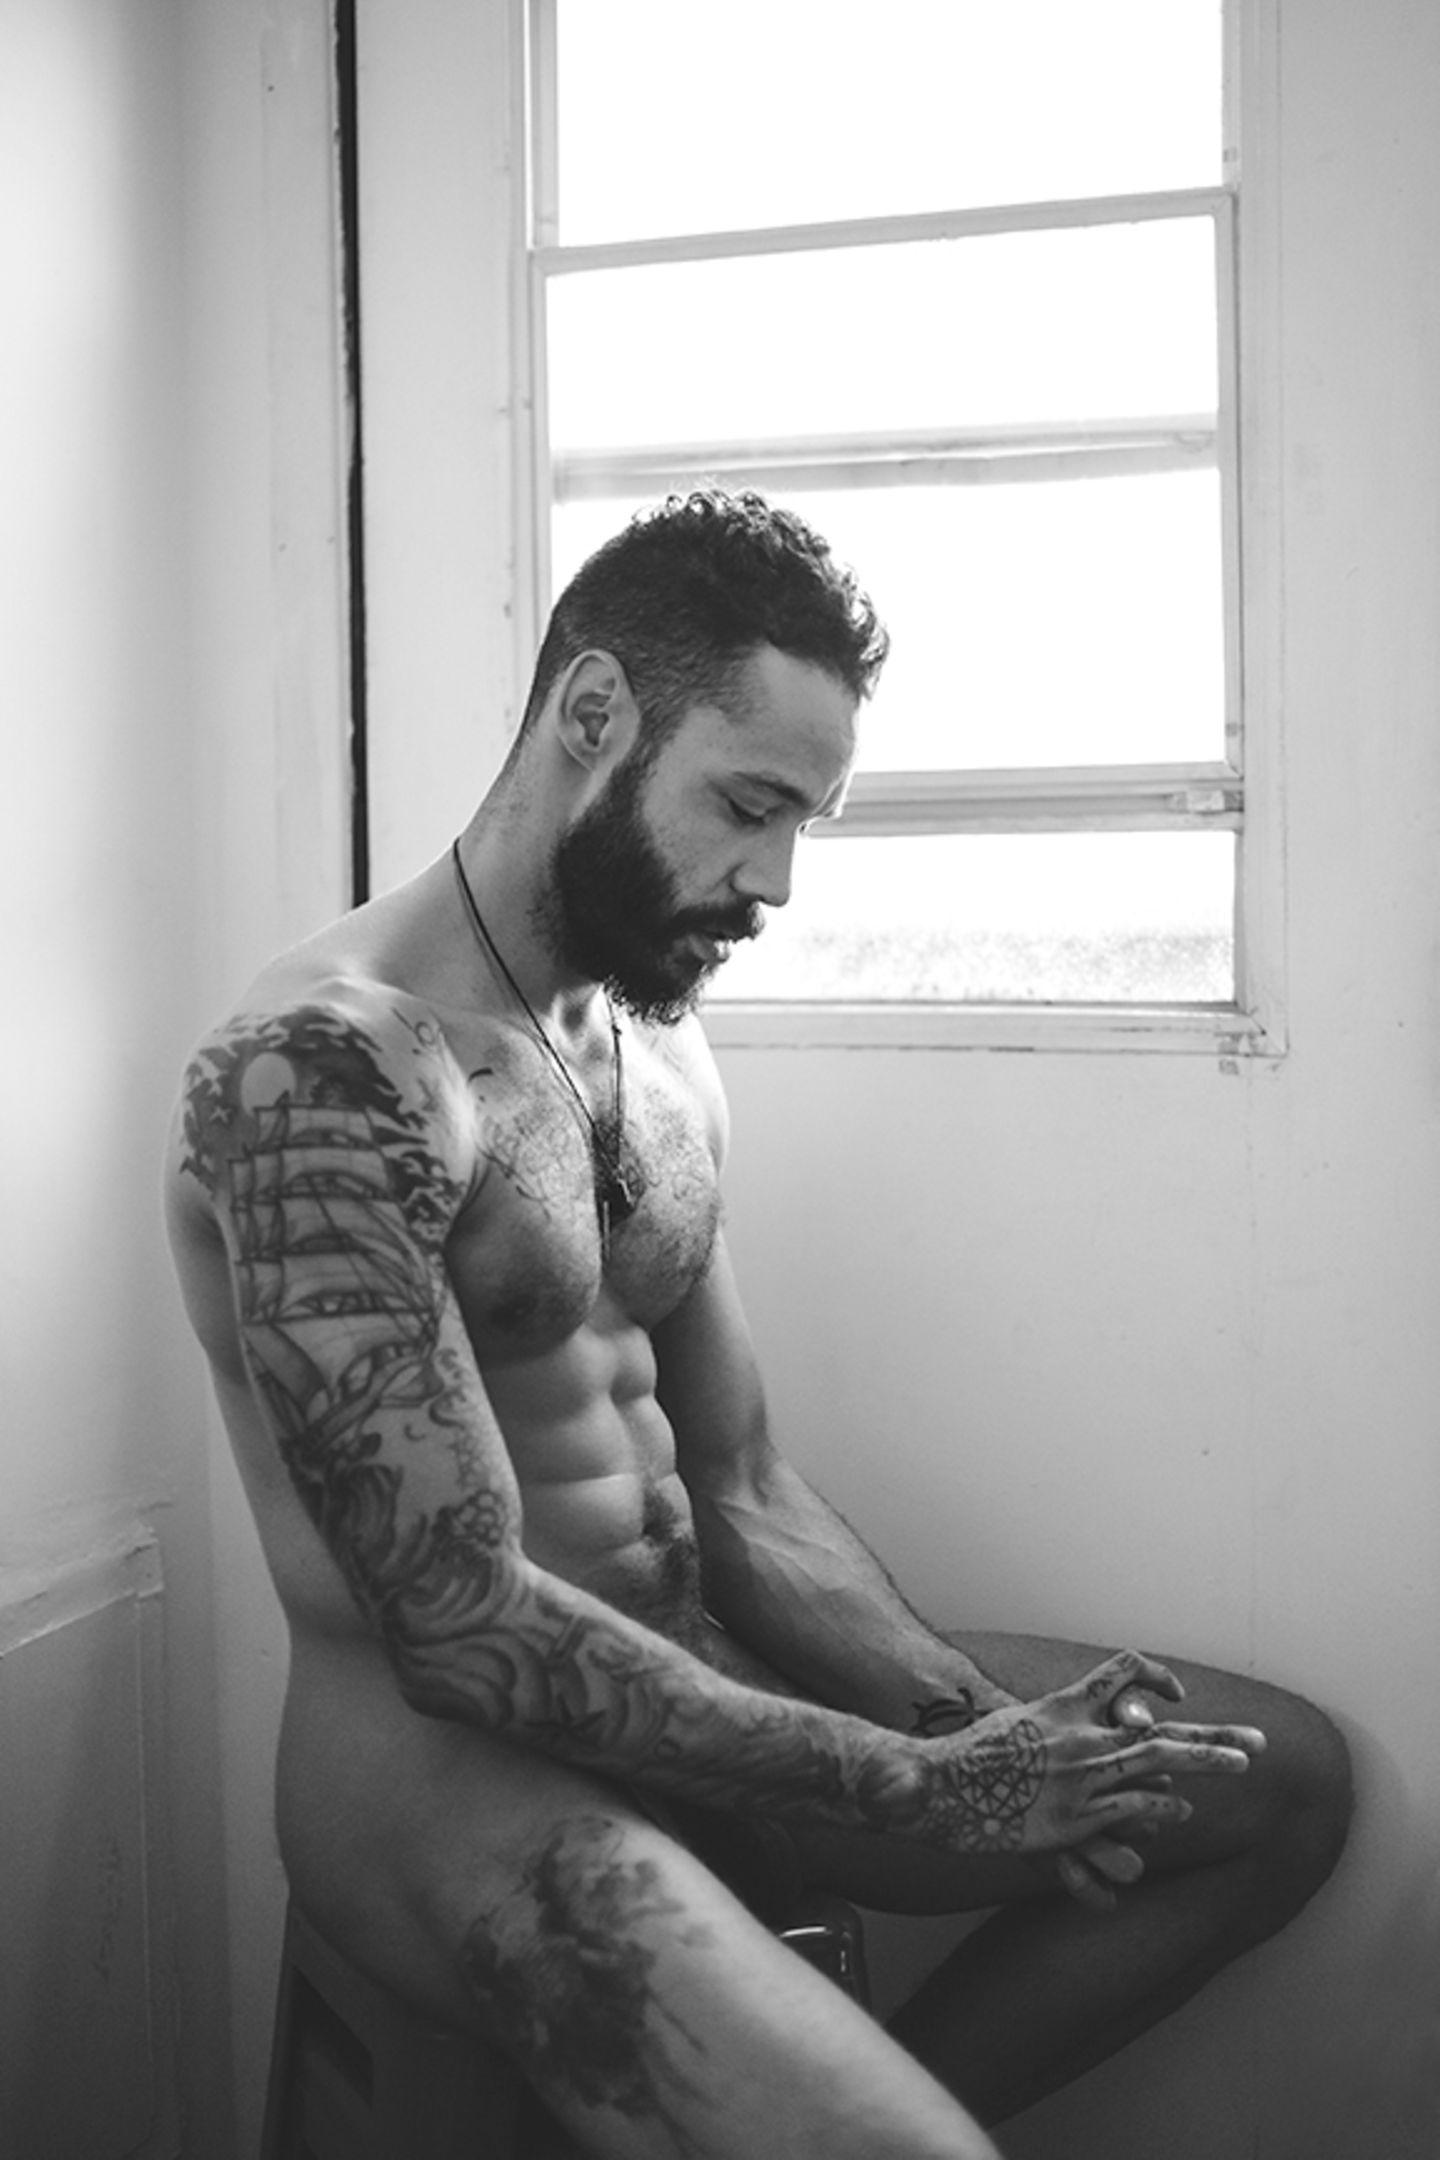 Diese Männer zeigen wie vielfältig schöne Körper aussehen!